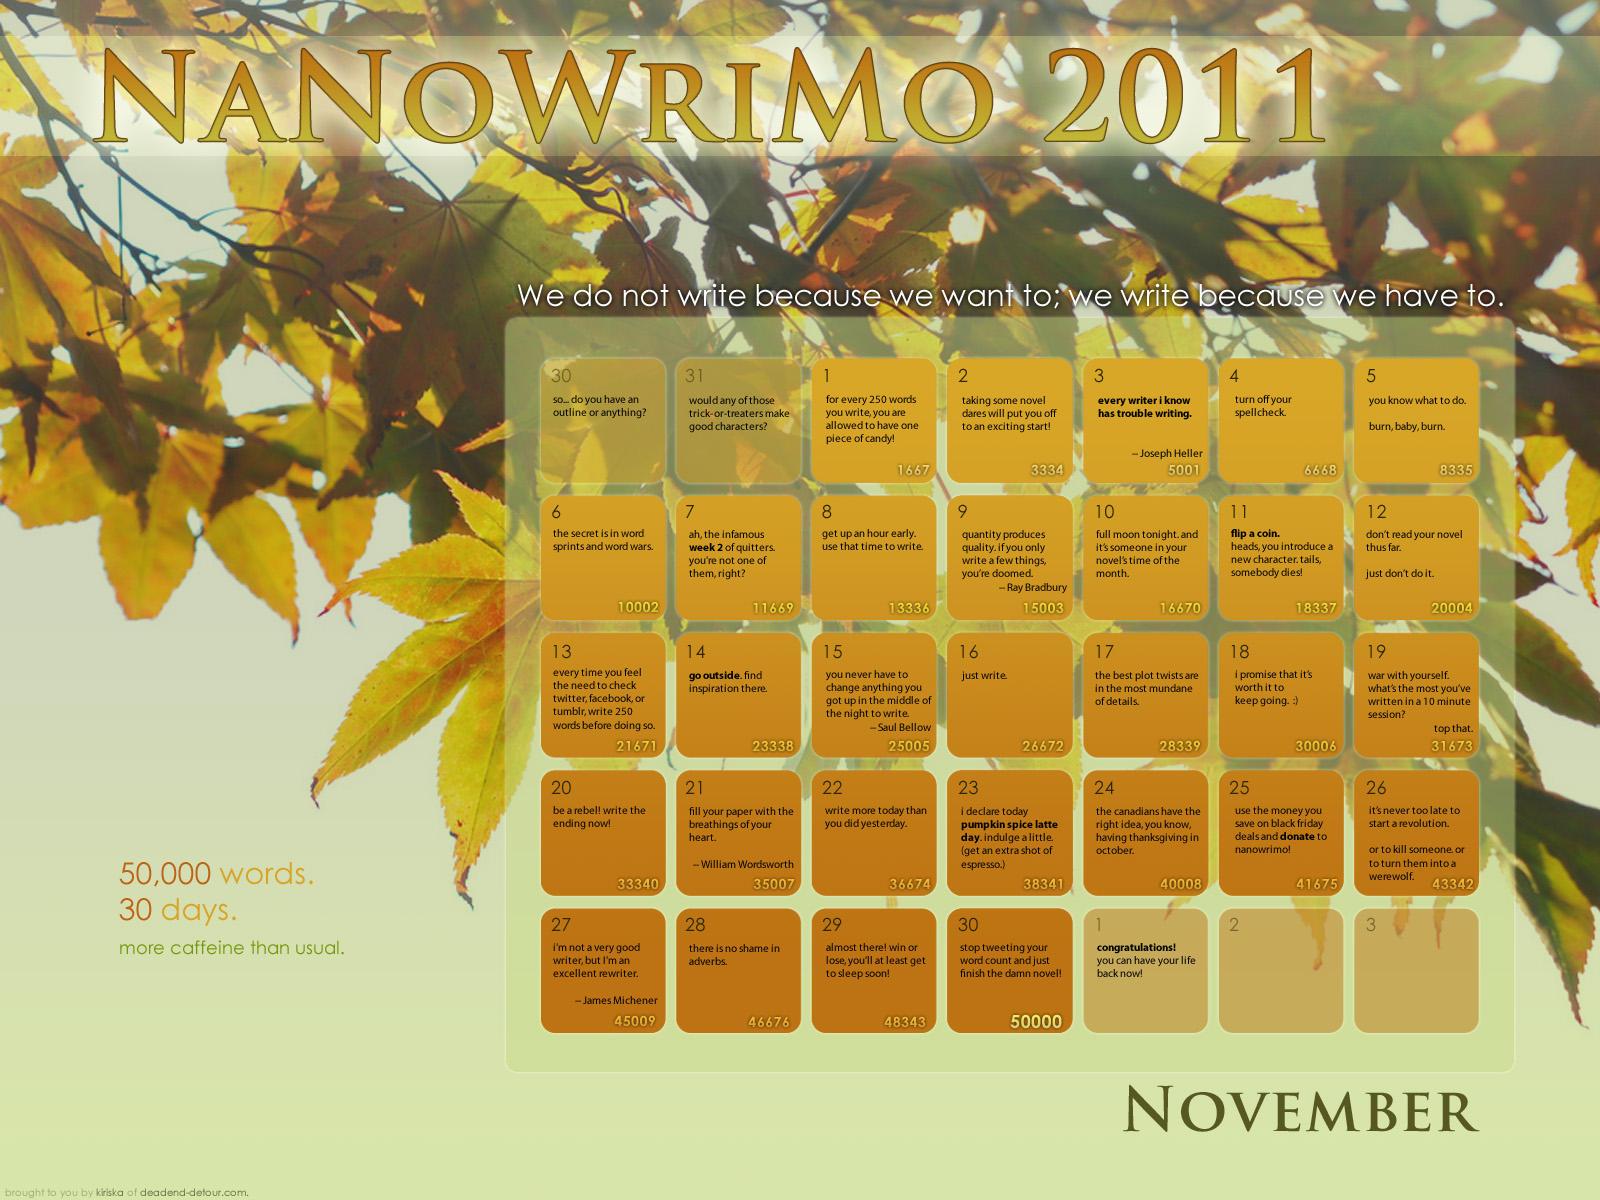 NaNoWriMo 2011 Calendar by Kiriska